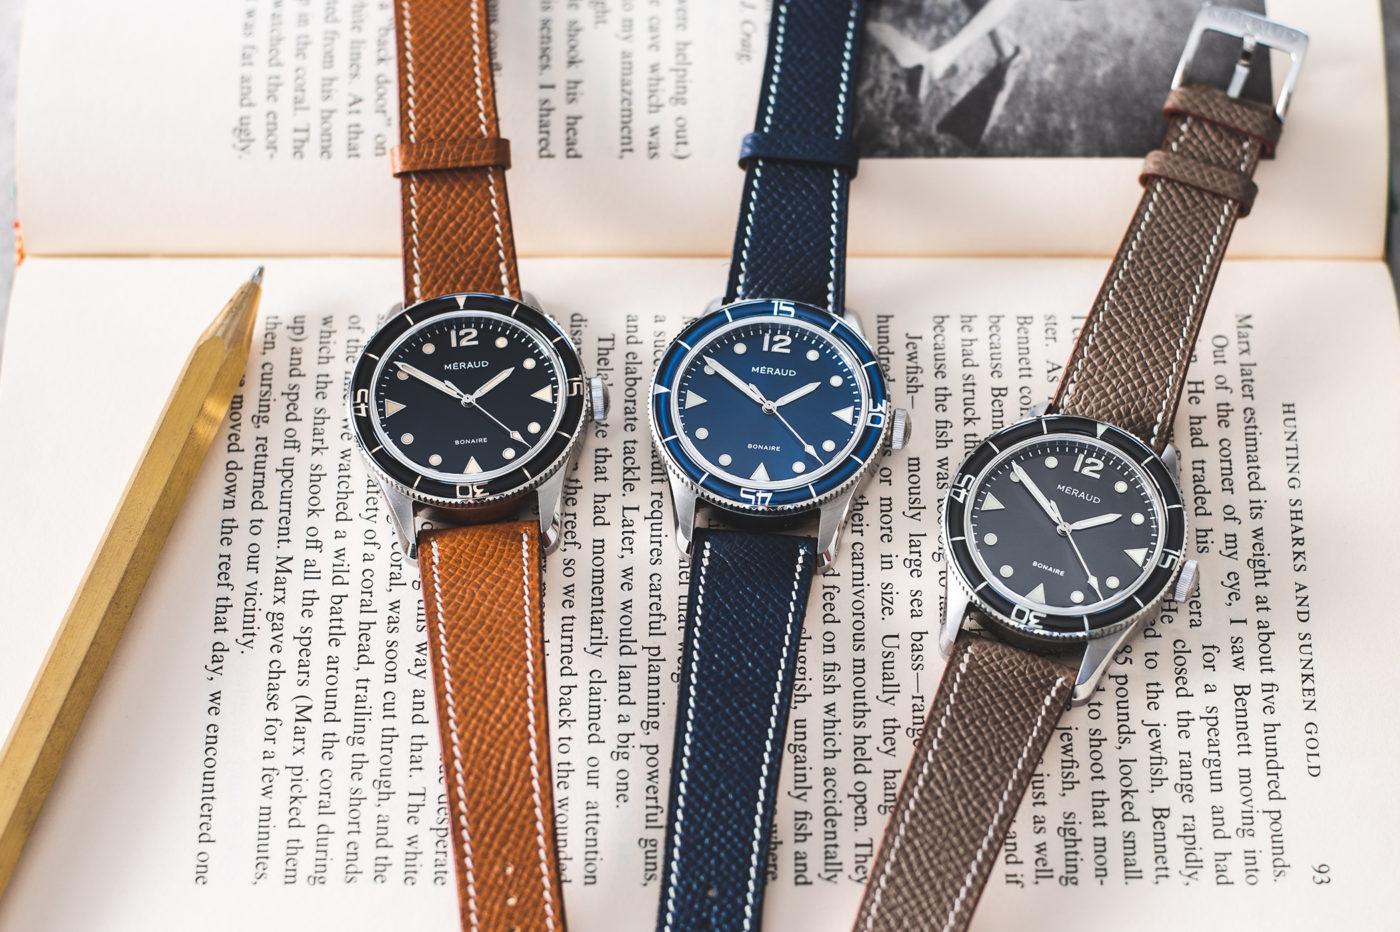 Méraud Bonaire – nowa marka z Belgii na Kickstarterze [dostępność, cena]